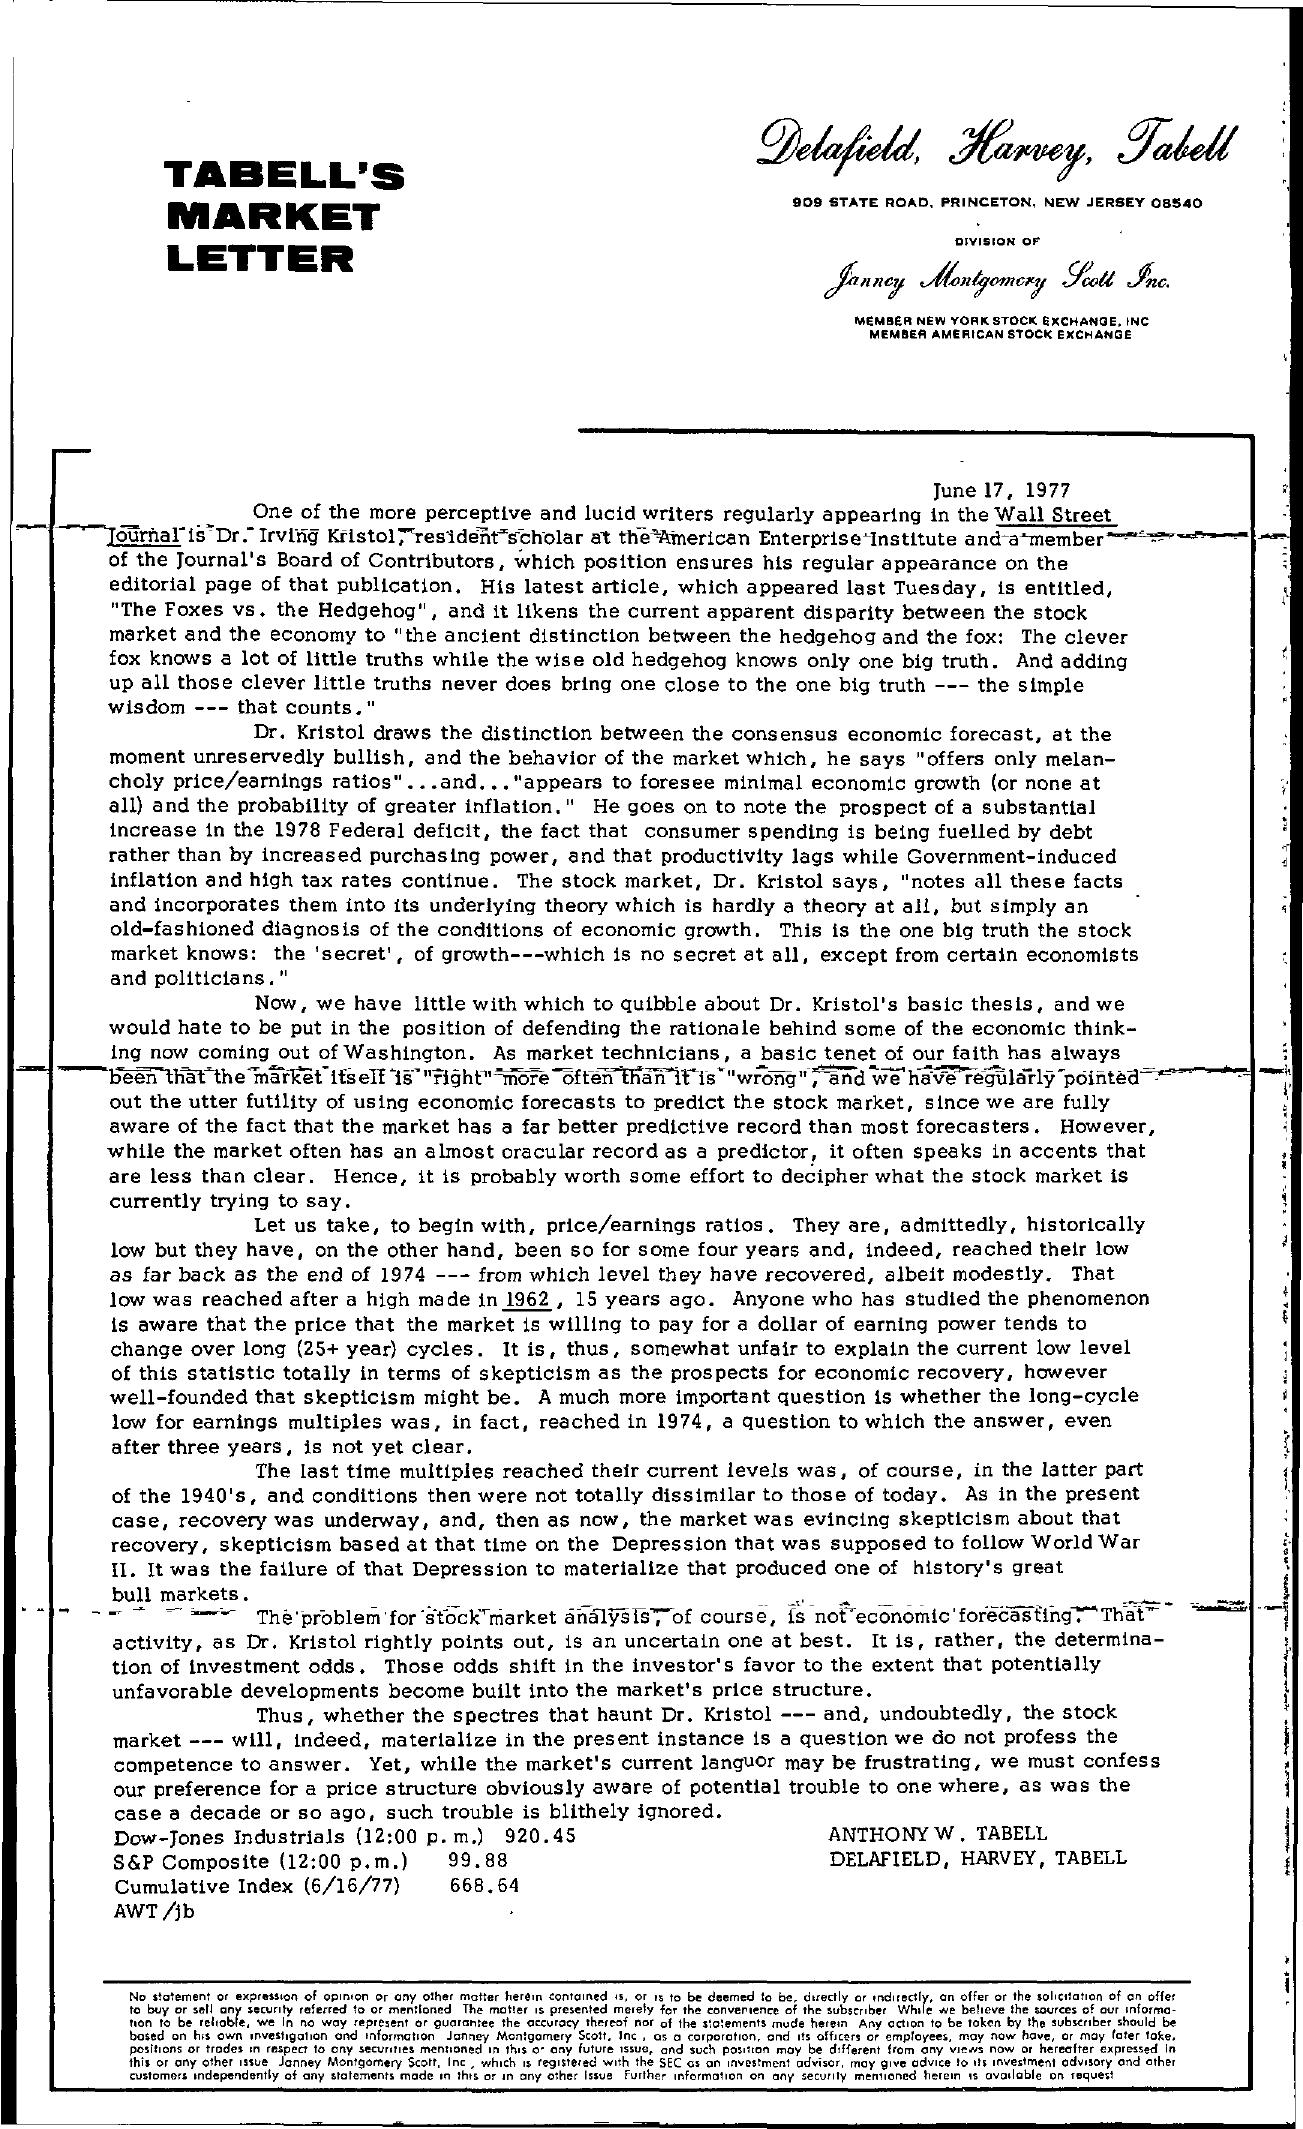 Tabell's Market Letter - June 17, 1977